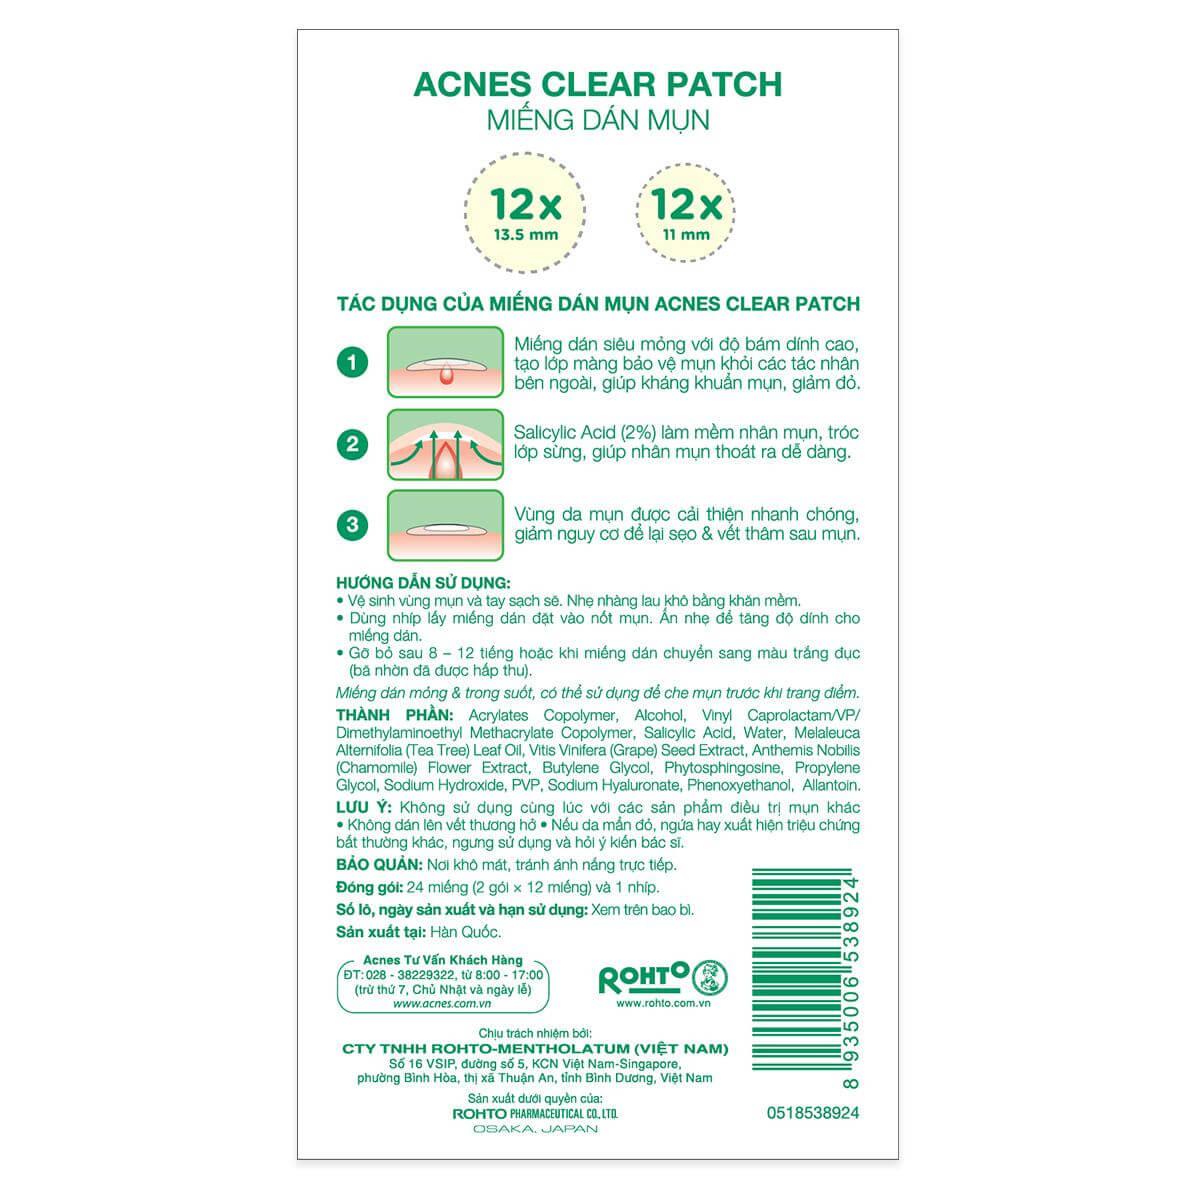 mat sau cua mieng dan mun acnes clear patch co ghi ro huong dan su dung giup ban de dang biet duoc cach dung dung